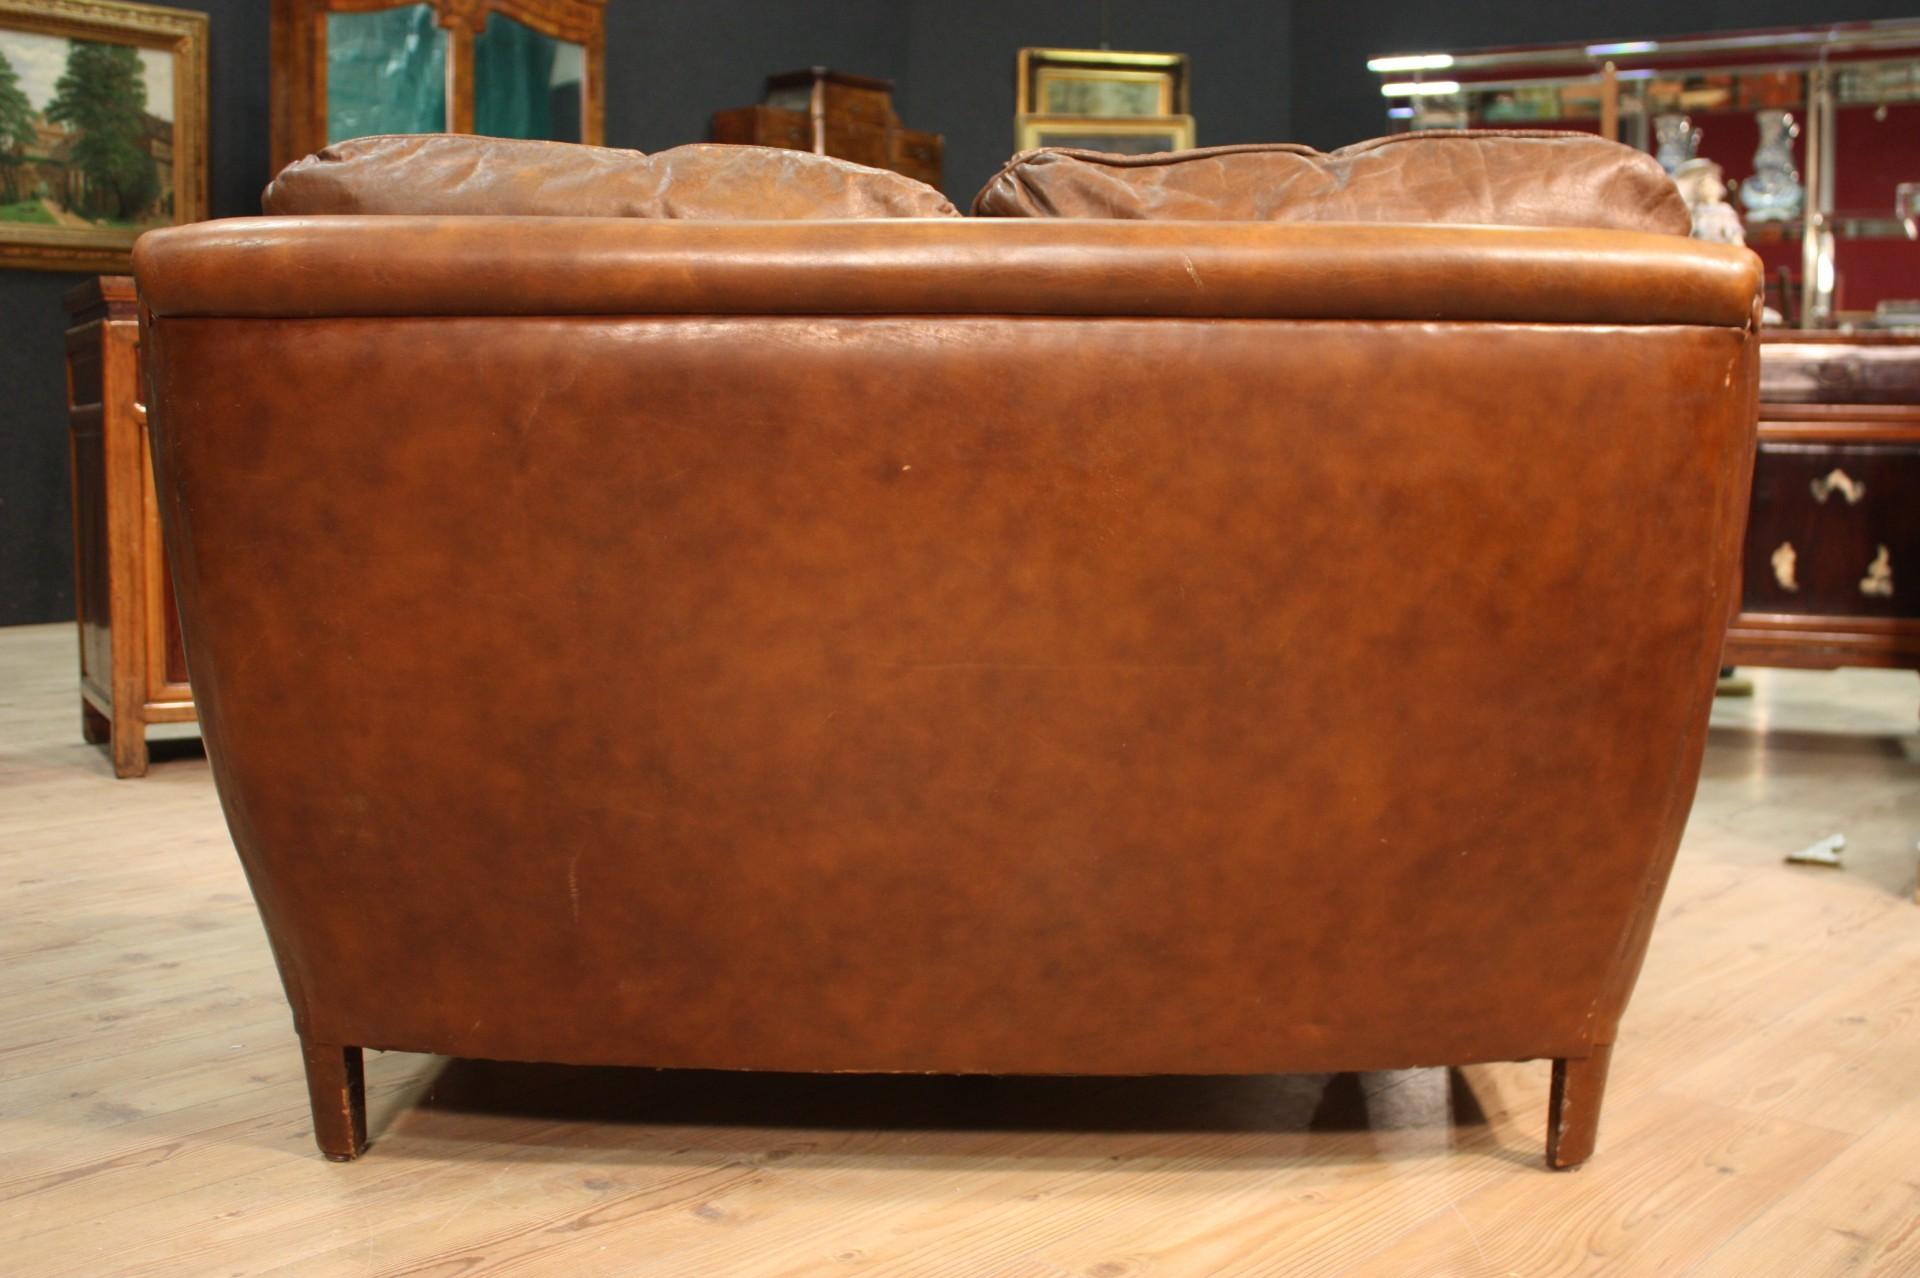 Divano nord europeo in finta pelle riproduzione moderna 39 70s 39 80s sofa cuscini ebay - Divano finta pelle rovinato ...